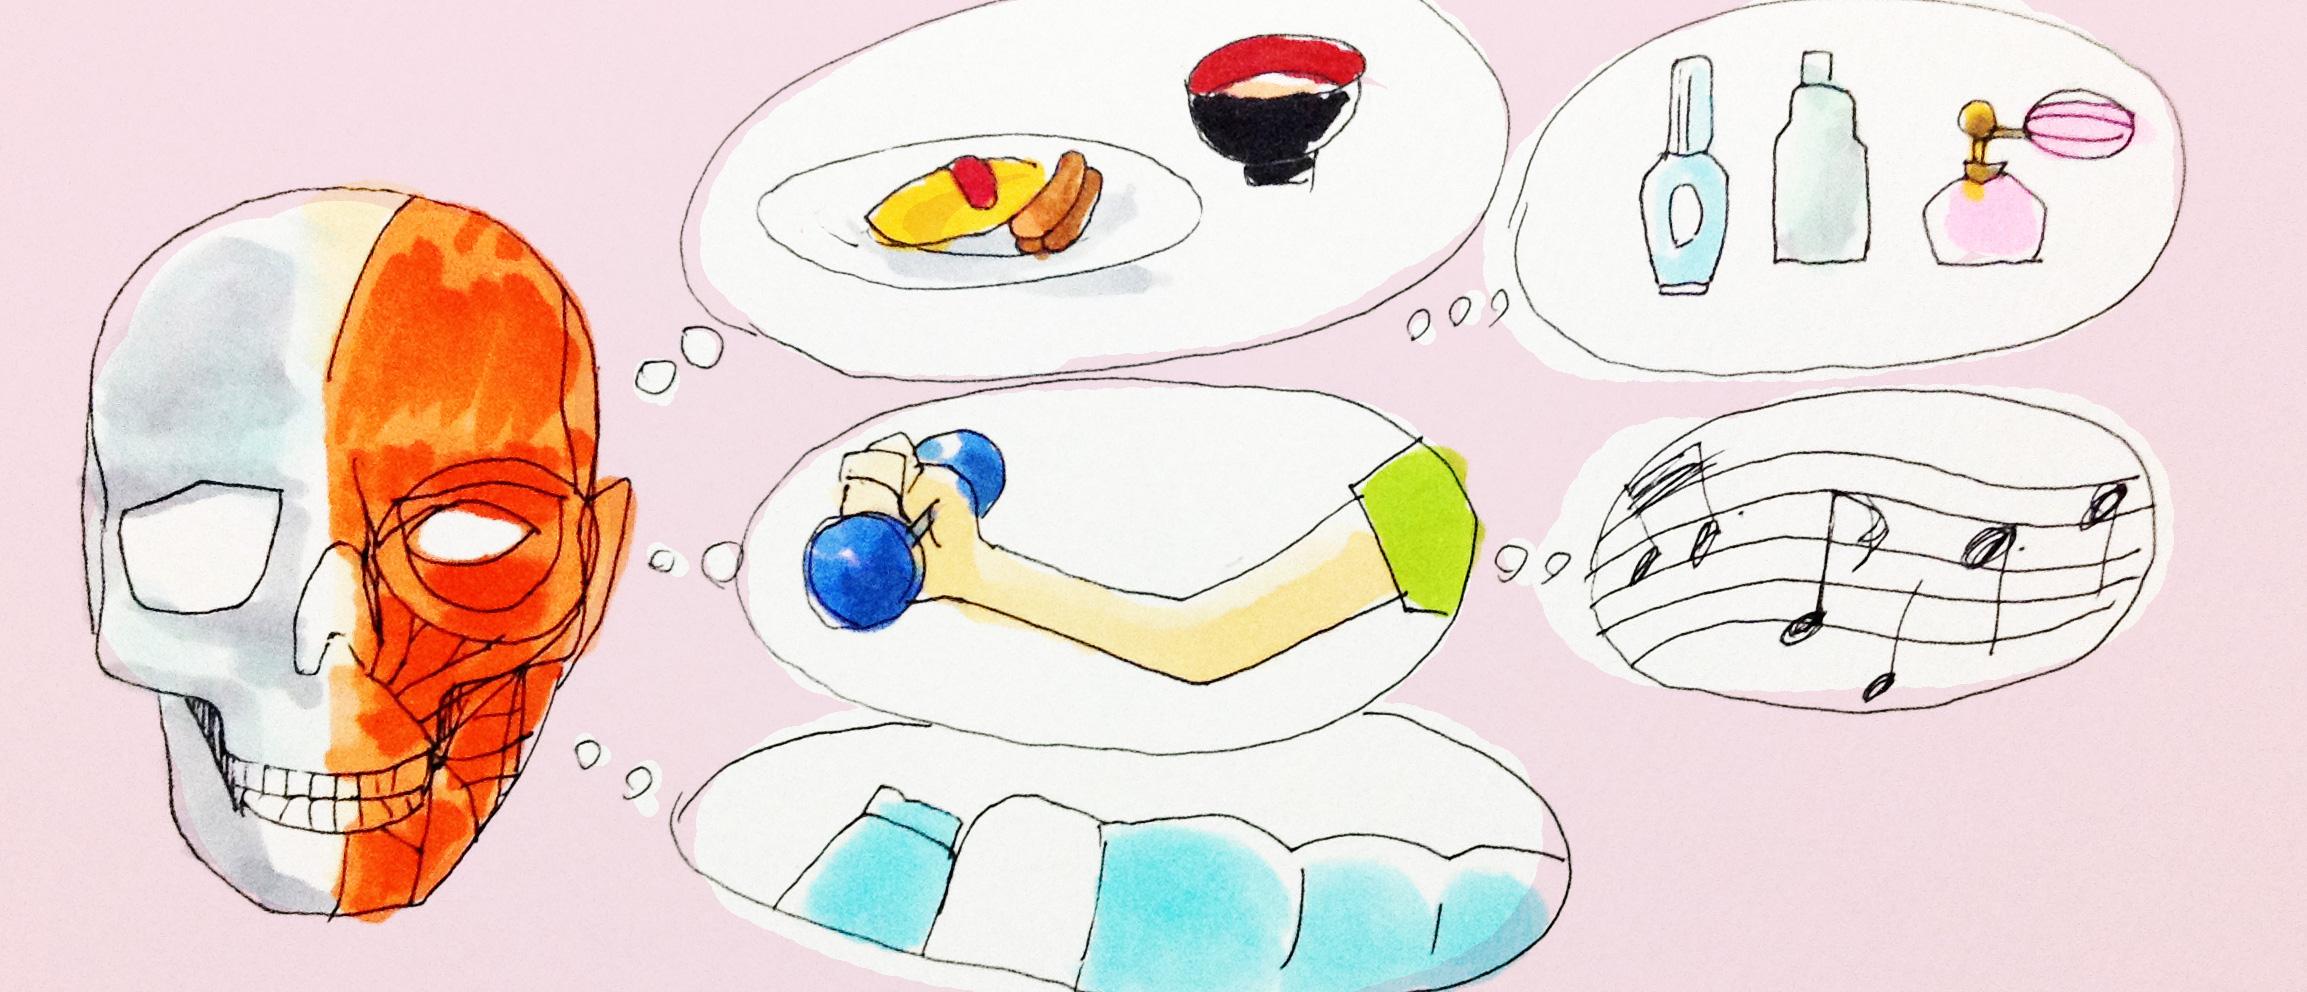 健康に大切な運動や食事、睡眠などのイメージをコピックで描いたイラスト